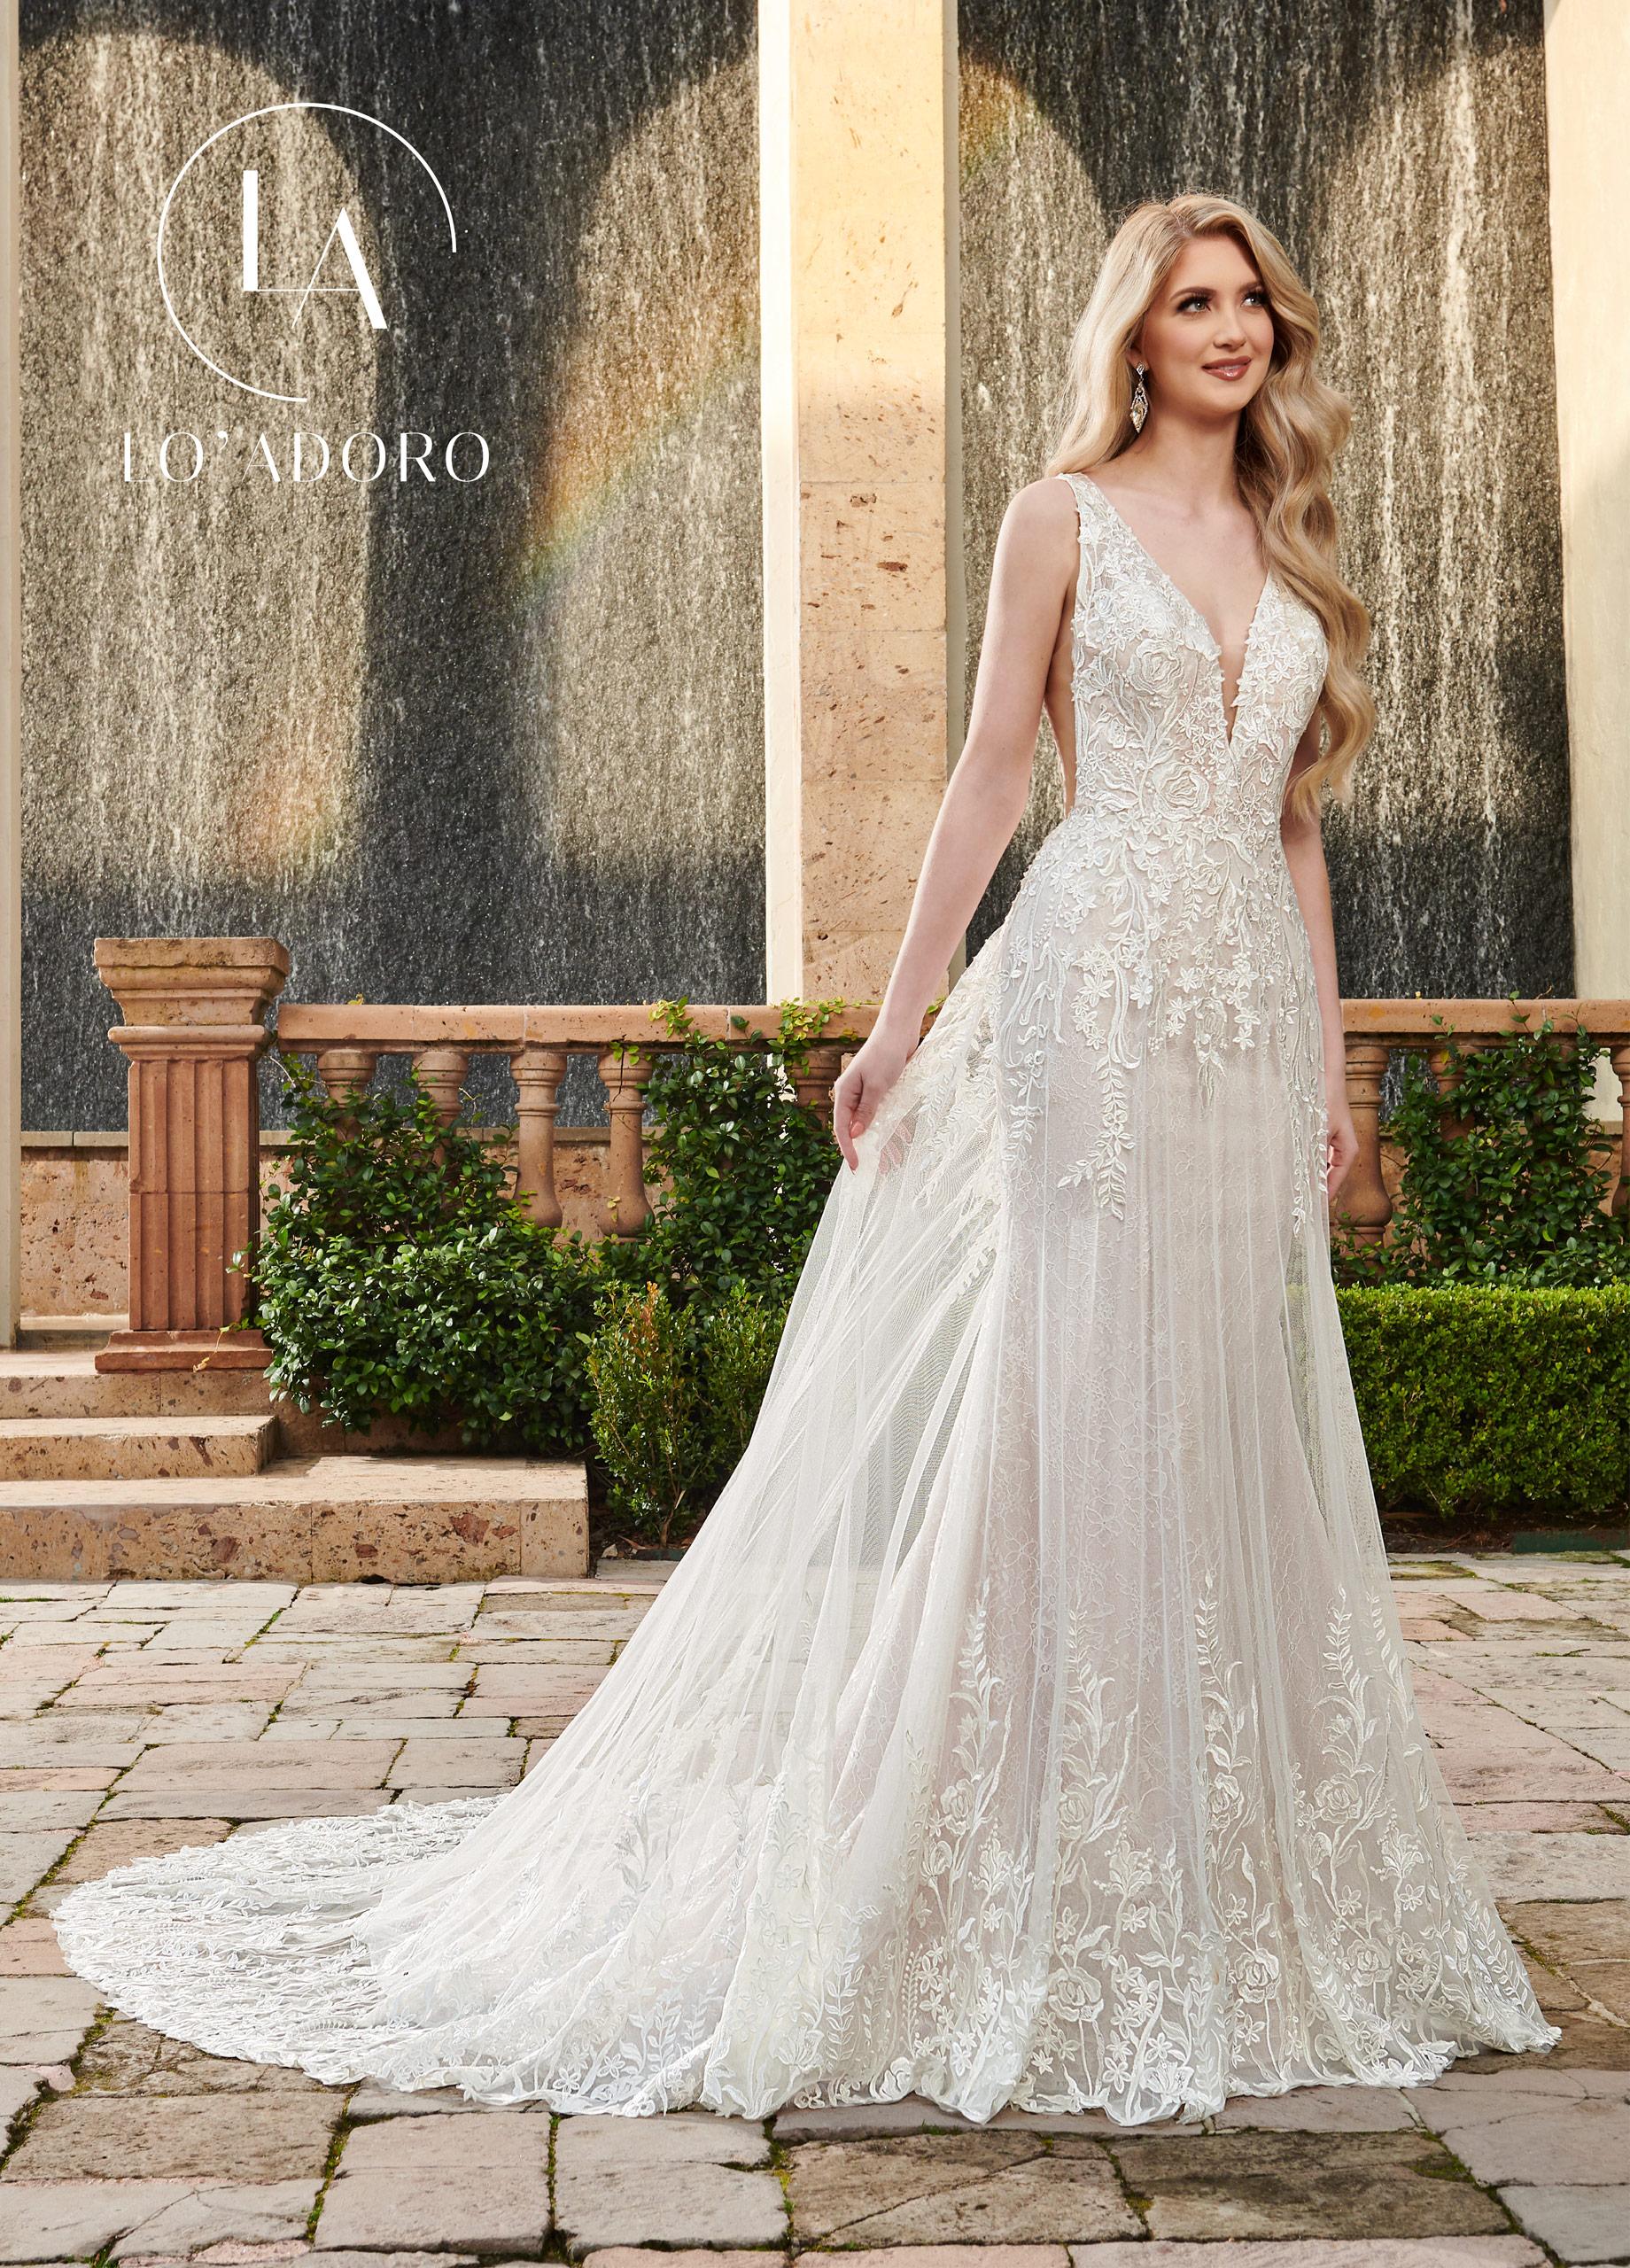 Lo Adoro Bridal Dresses | Lo' Adoro | Style - M790